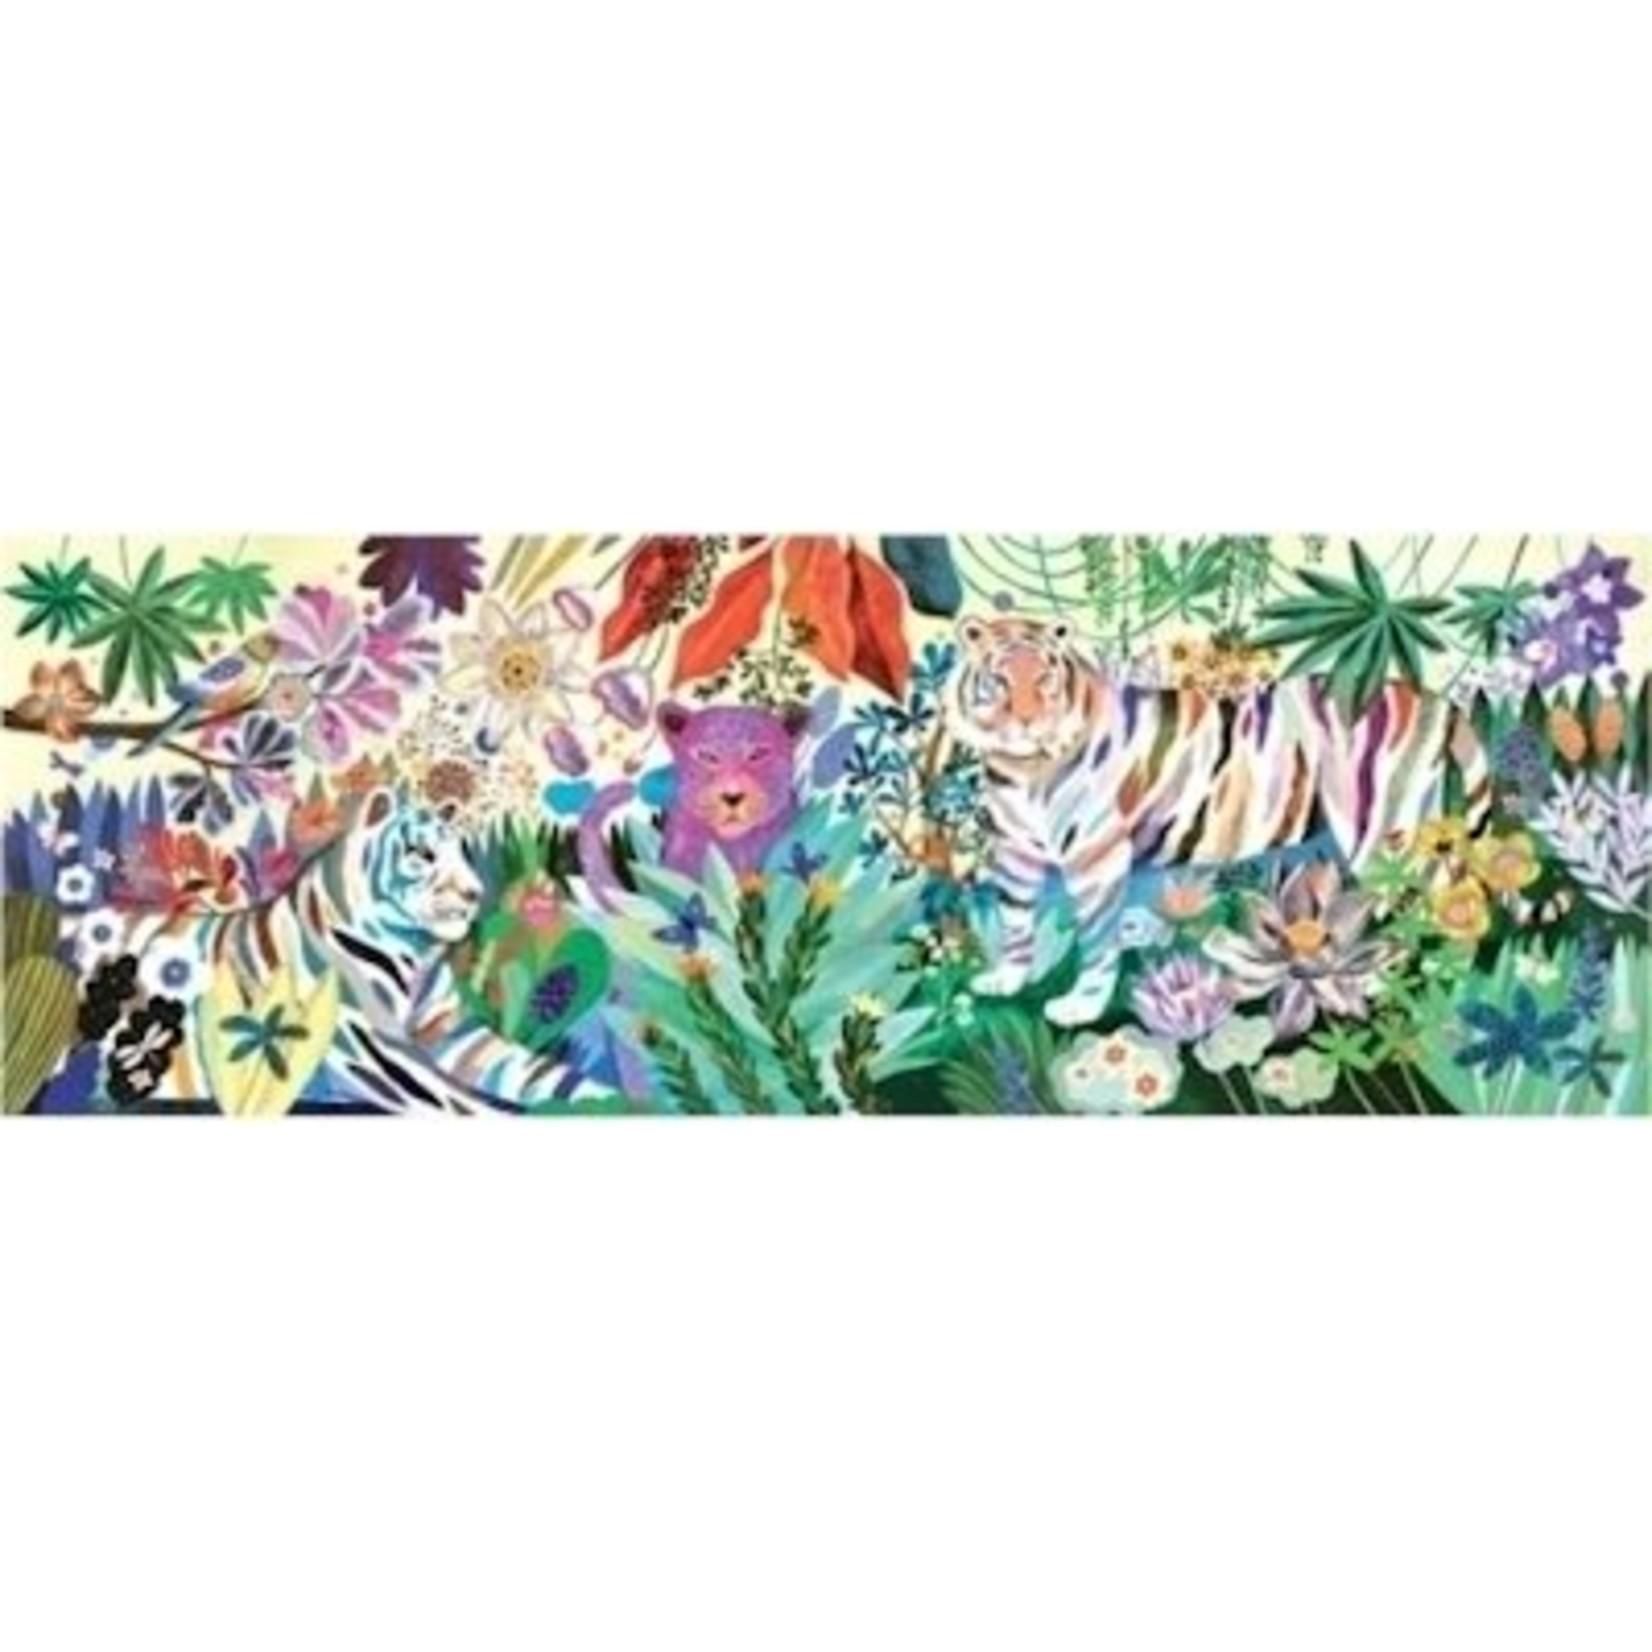 Djeco Gallerie Puzzel Regenboog Tijgers 1000 stukjes